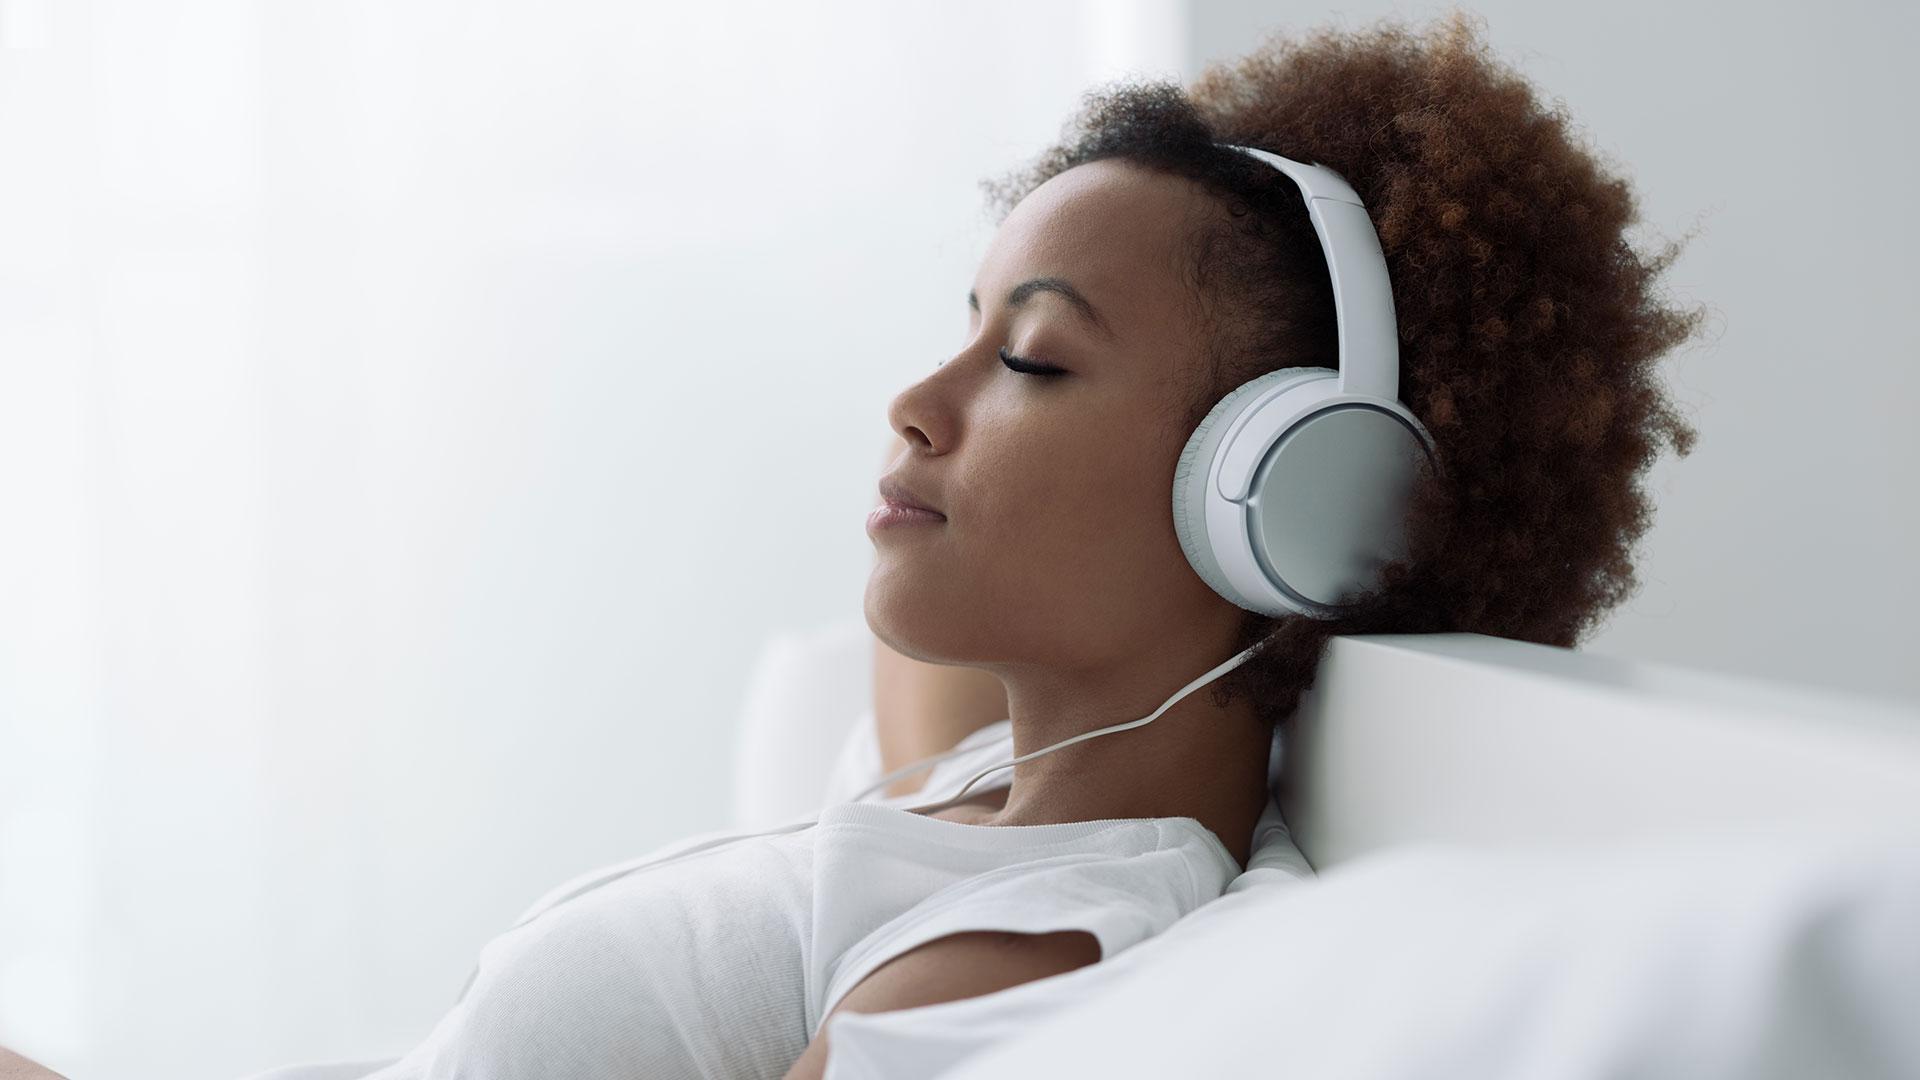 Audio podcast erotic